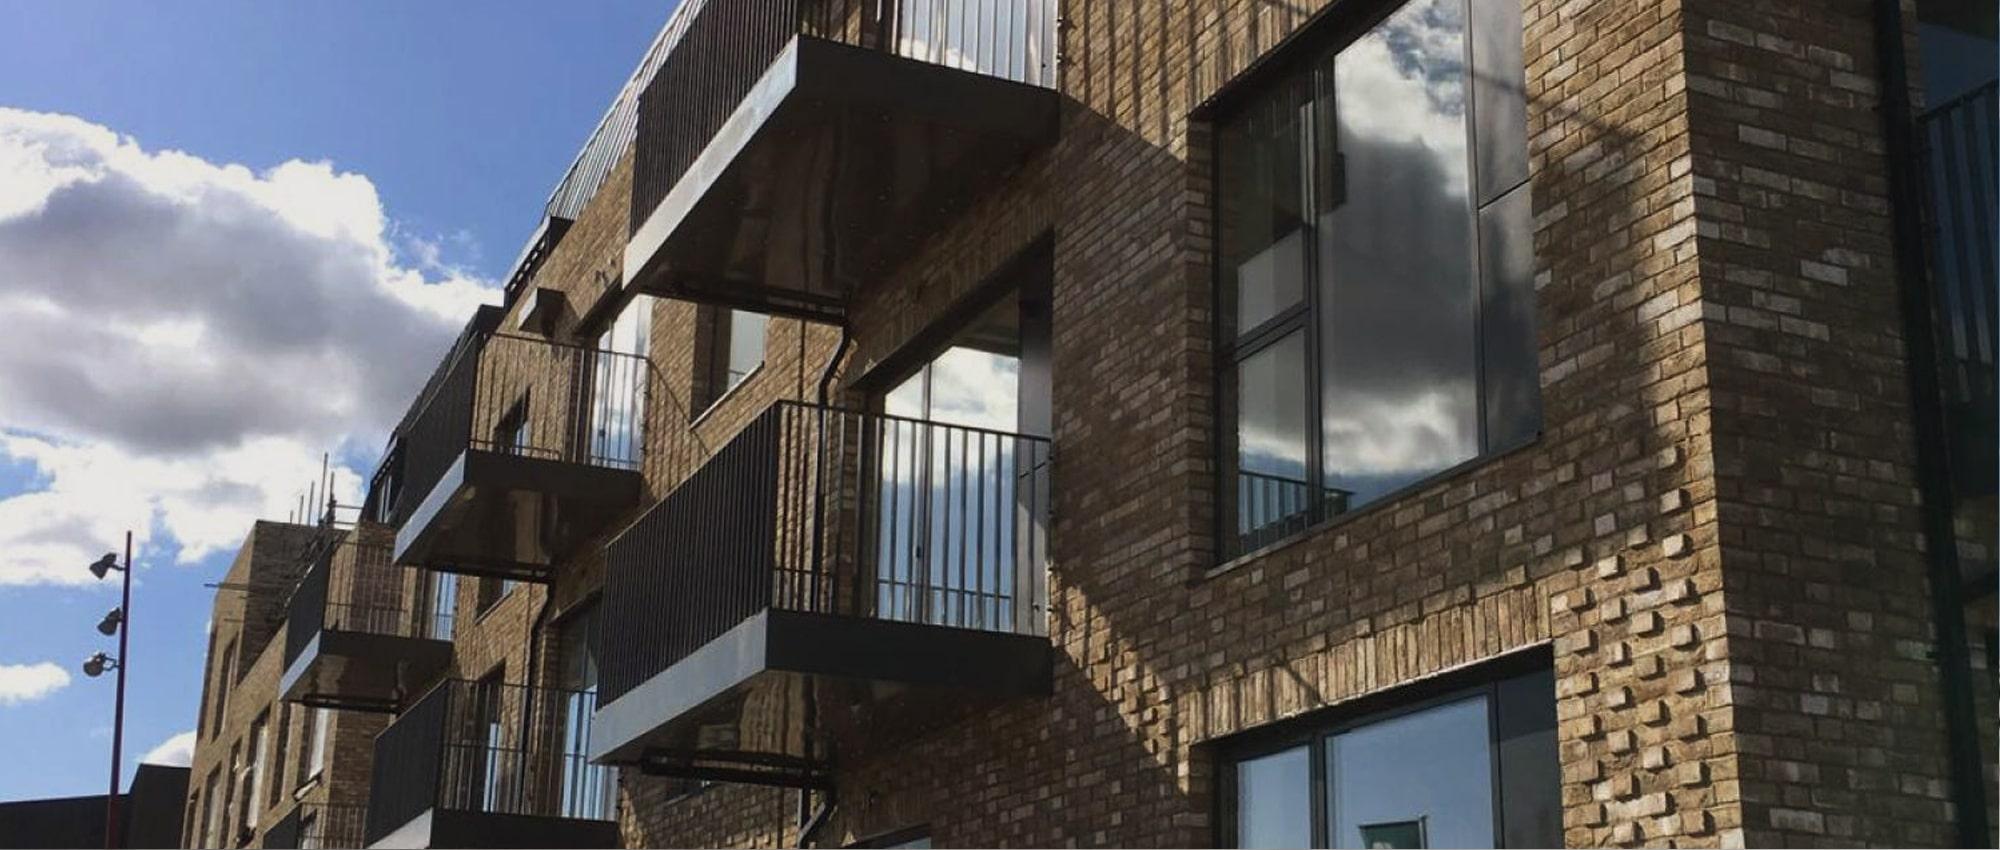 balconies-1